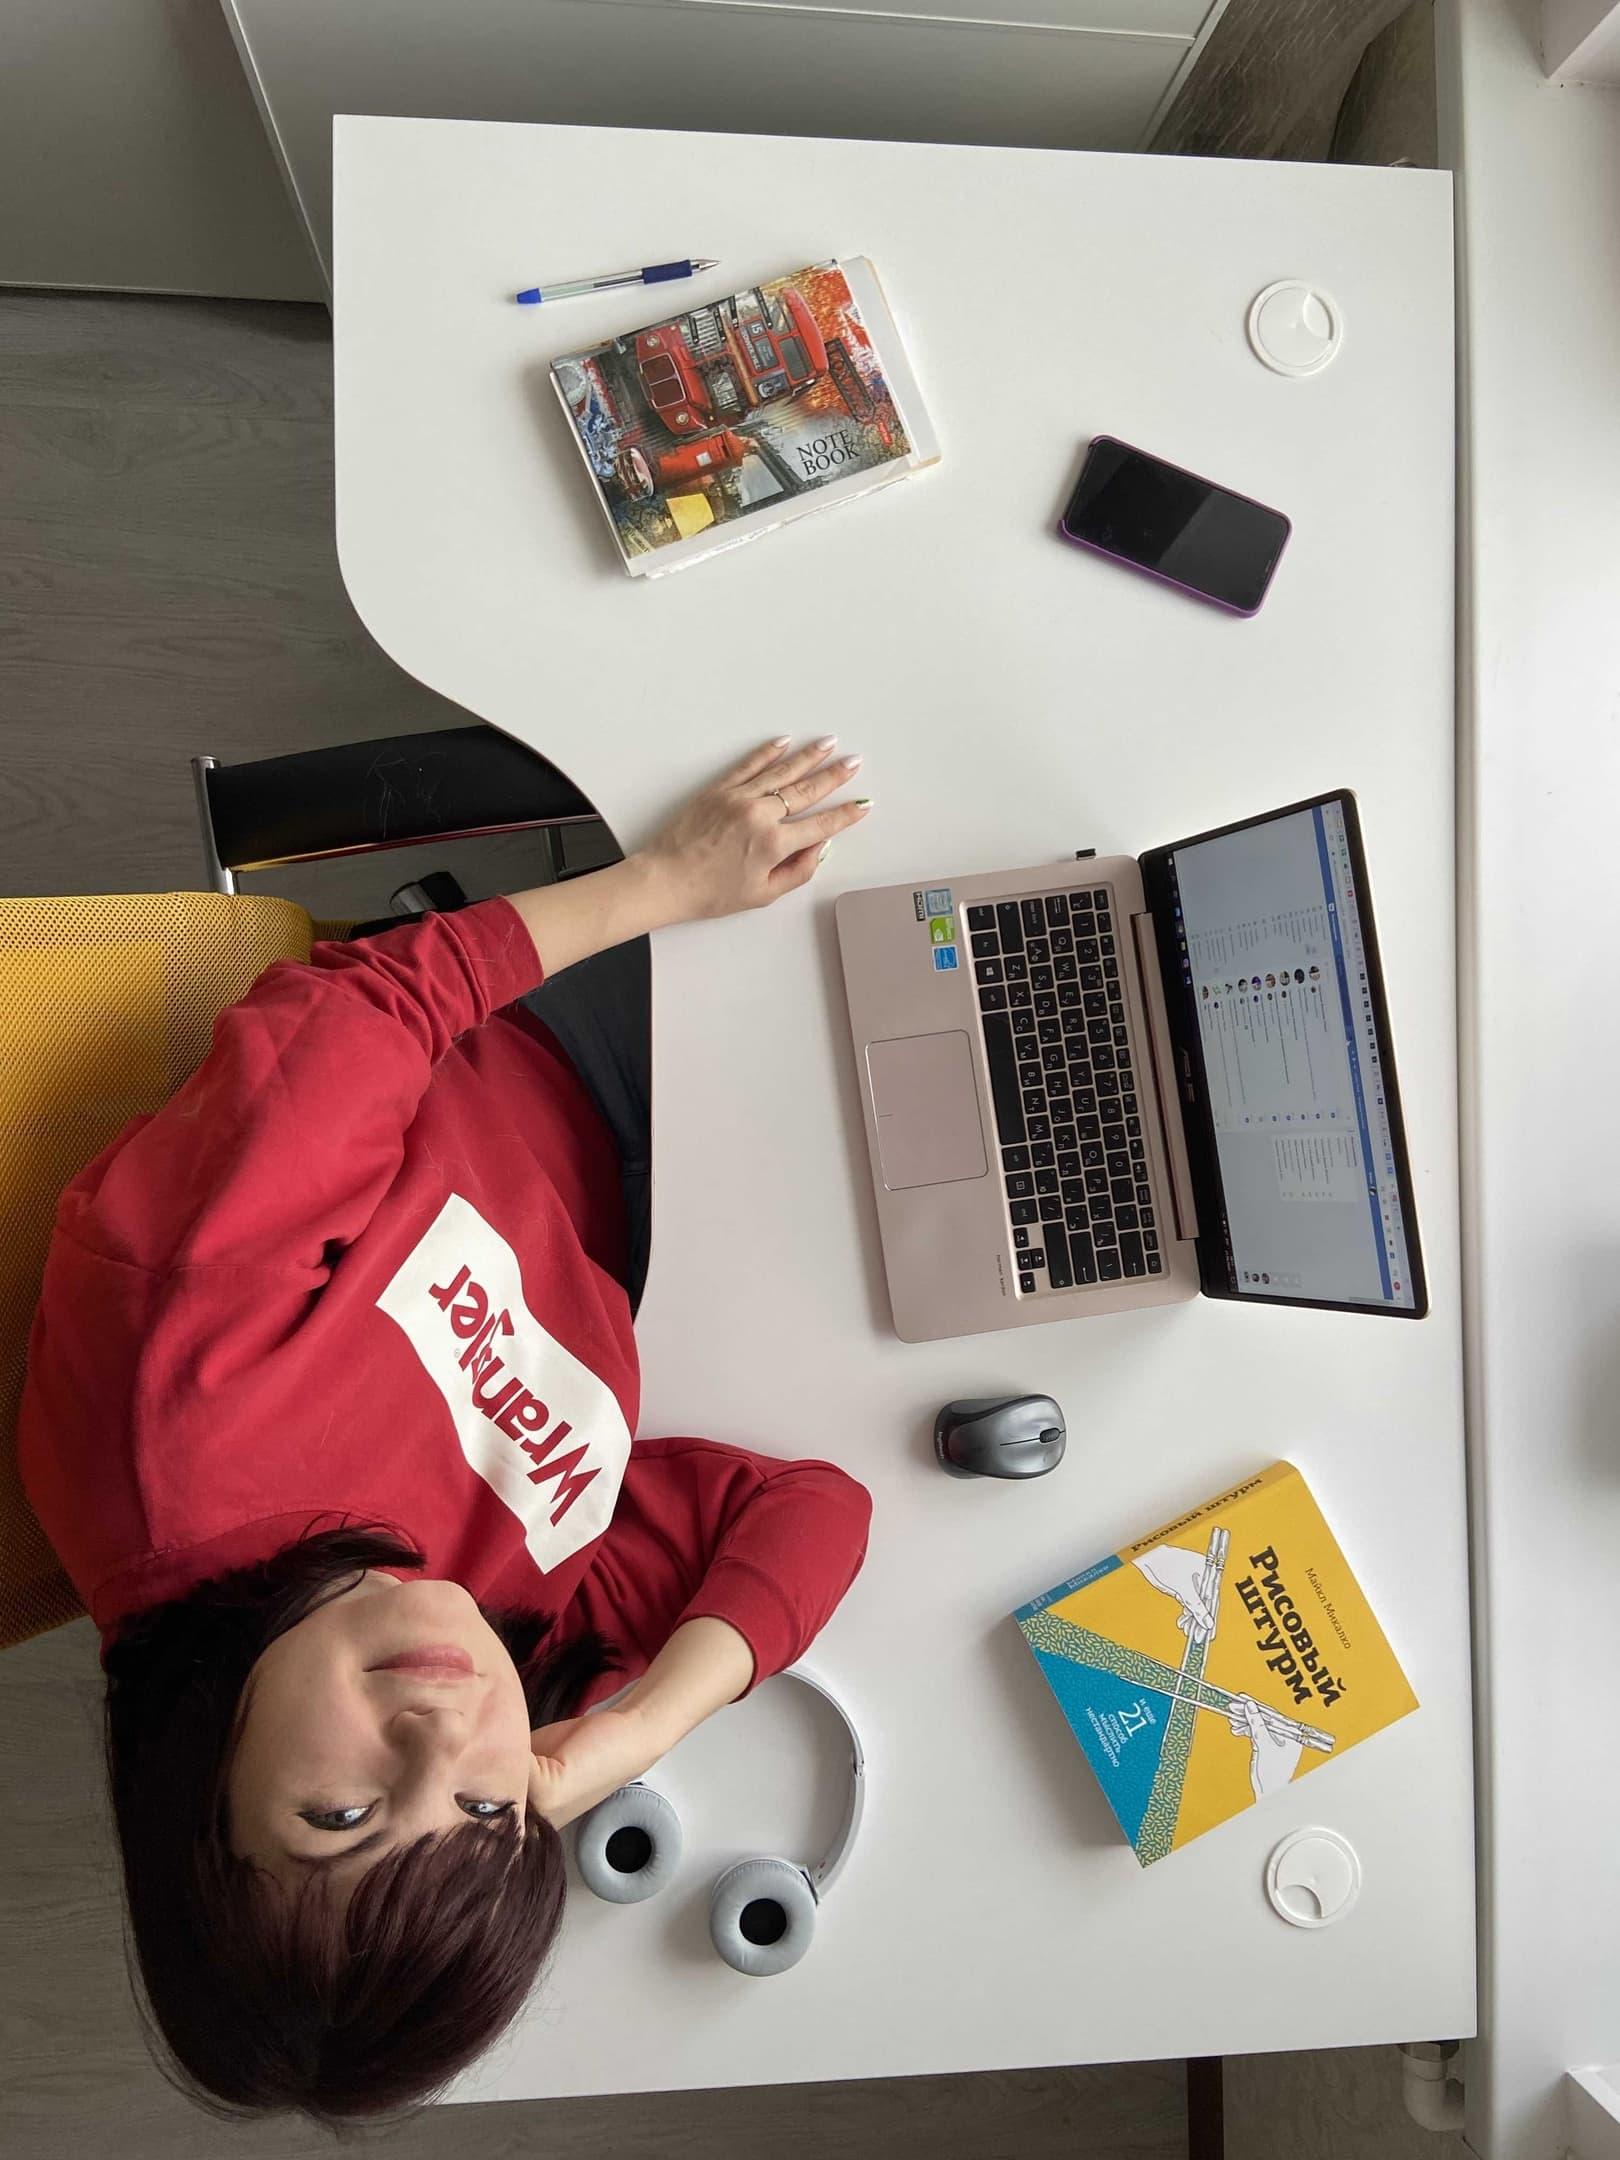 Елена Бельченко на рабочем месте, а заодно и пример живого фото для соцсетей